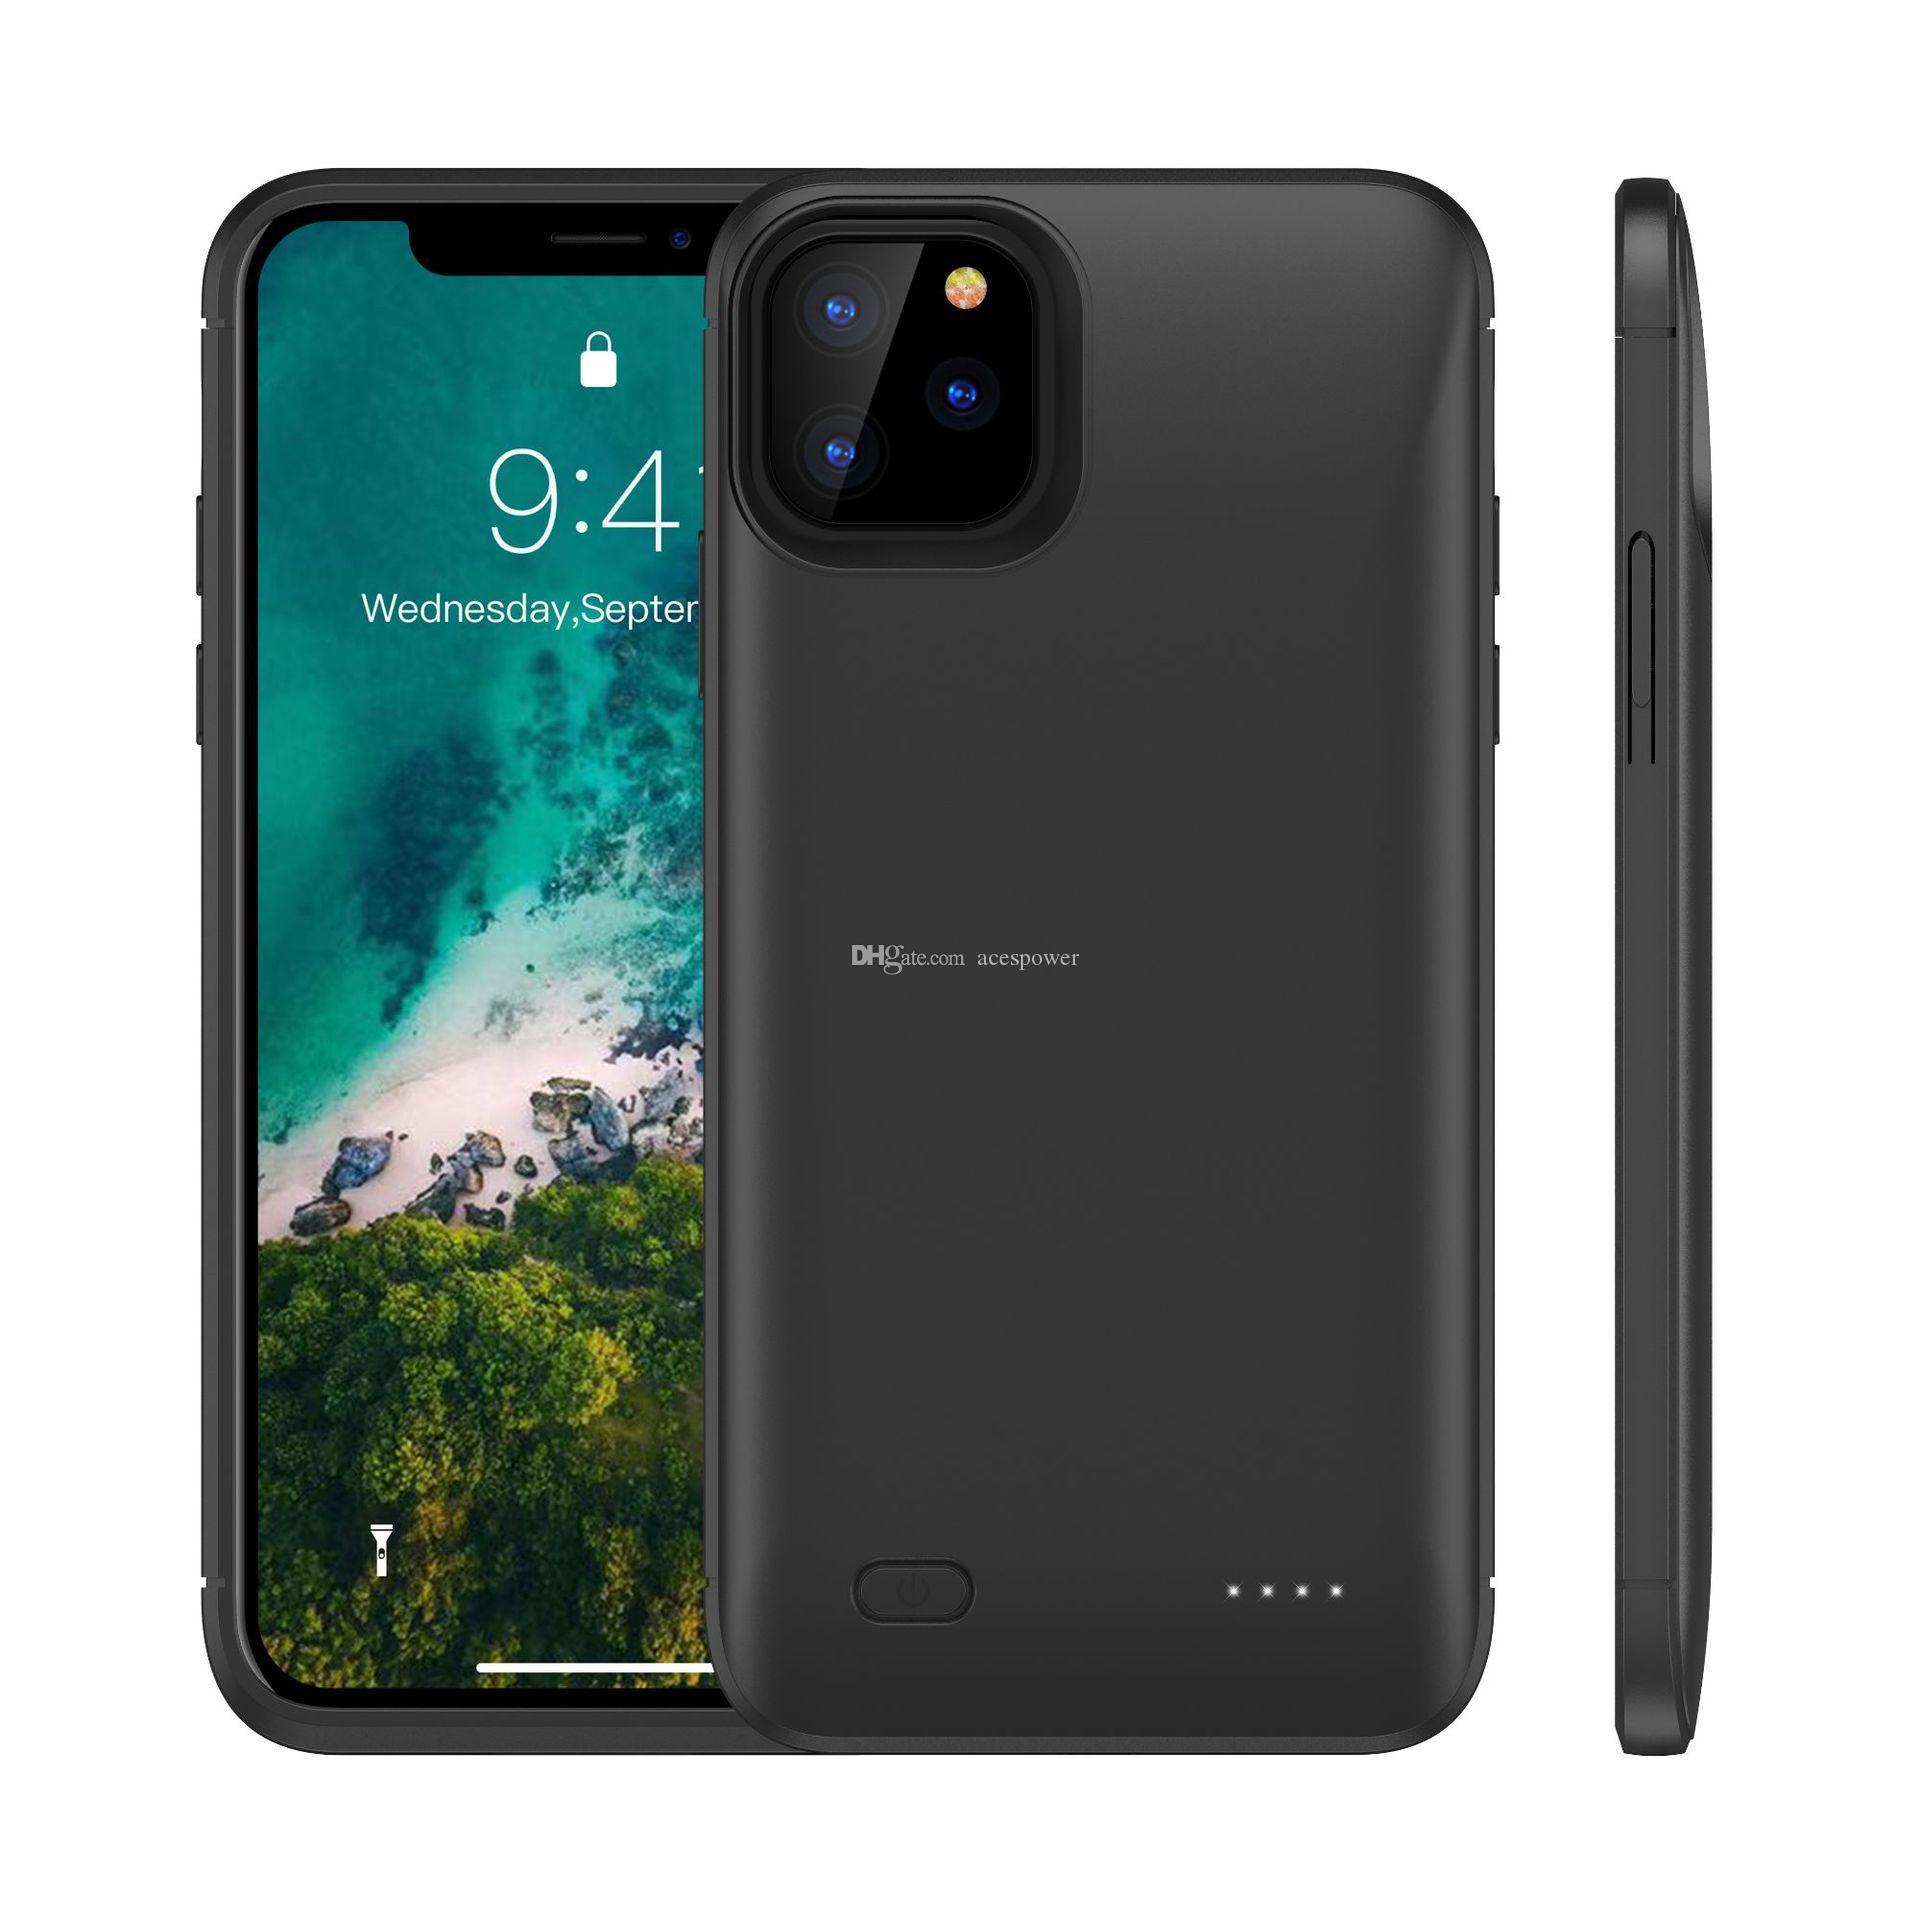 Batterie Slim Chargeur pour iPhone 11 Pro X XS Max Power Bank charge couverture de secours chargeur pour iPhone XR 8 Plus Cases